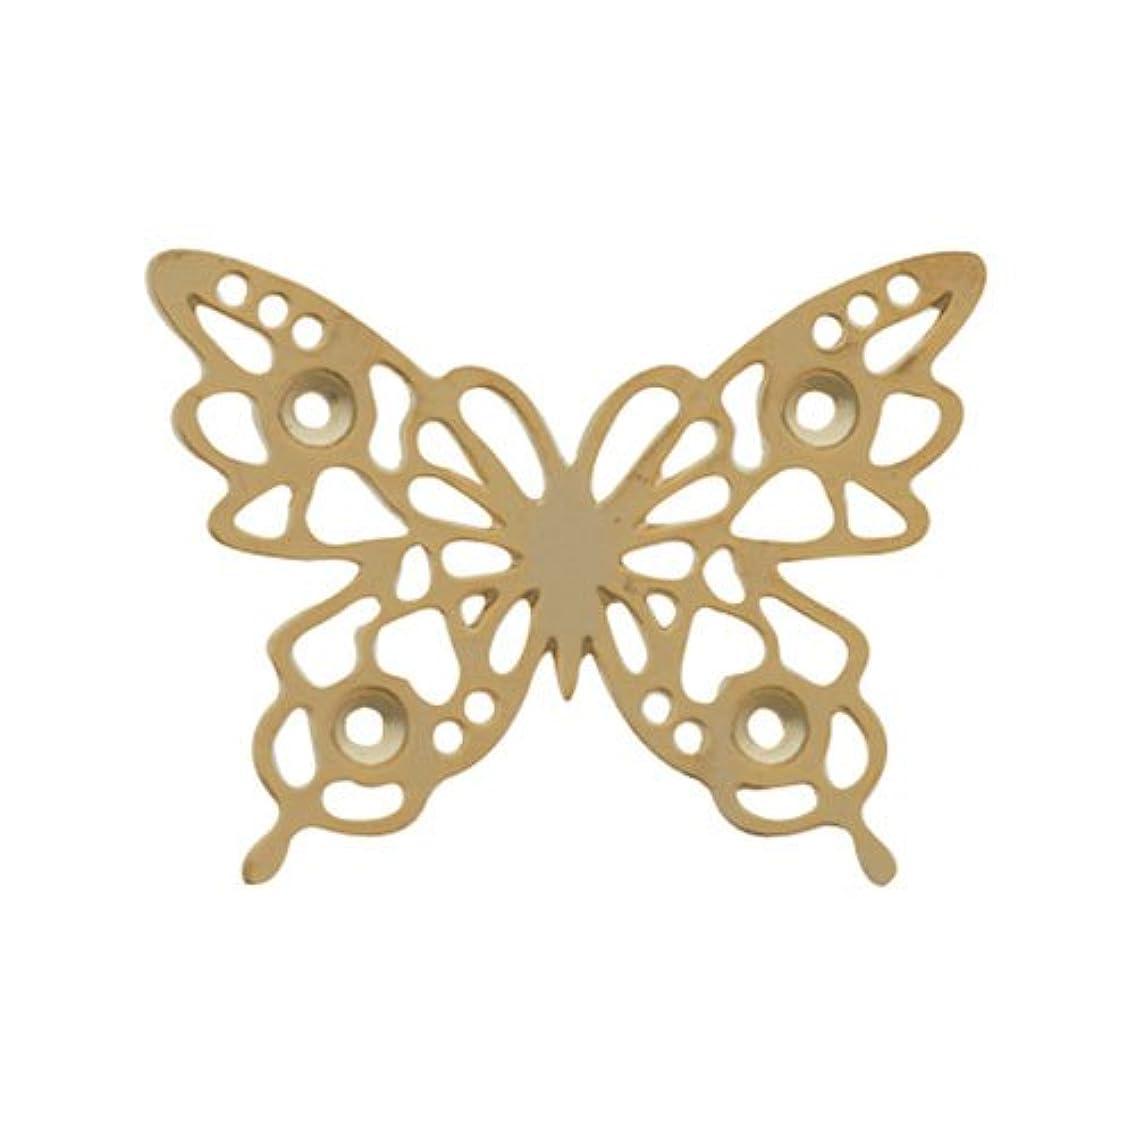 カスケード十年つぼみリトルプリティー ネイルアートパーツ チョウレースM ゴールド 10個